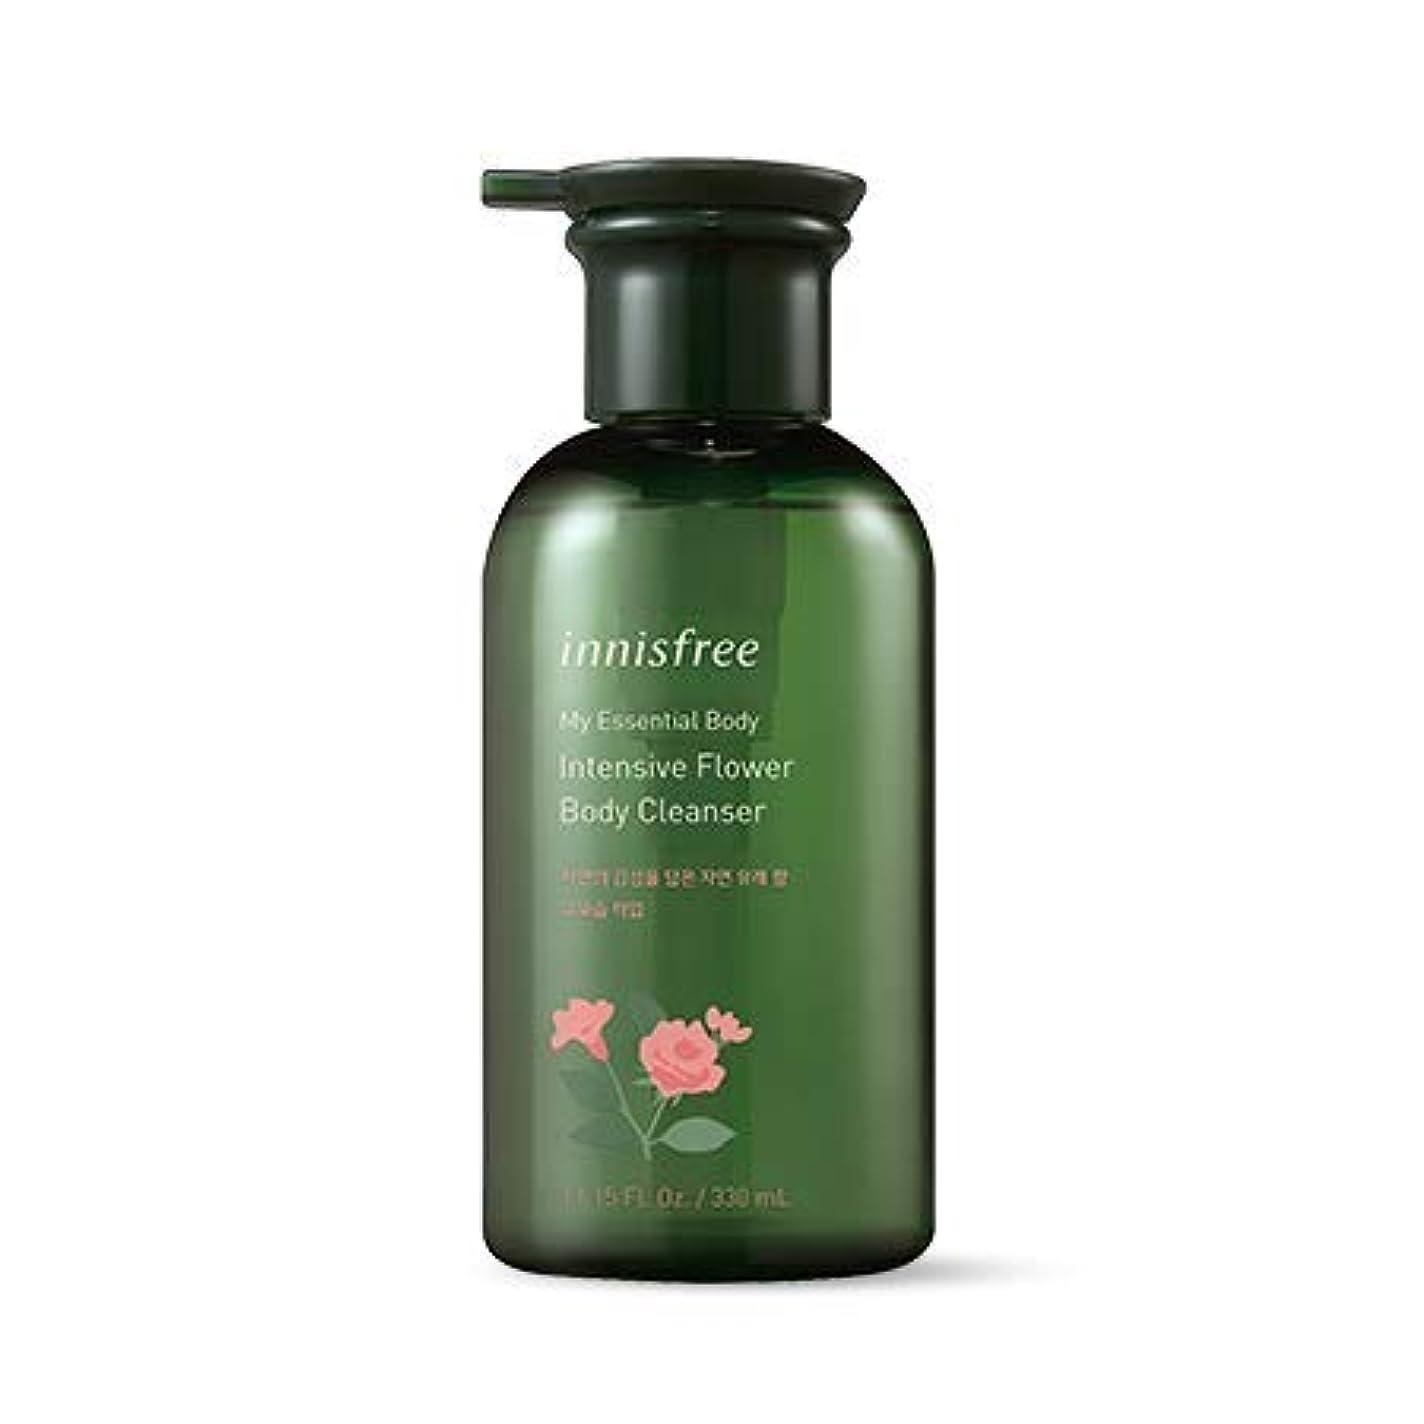 制限する専門知識圧縮する[イニスフリー.innisfree]マイエッセンシャルボディインテンシブフラワーボディクレンザー330mL)2019 new)/ My Essential Body Intensive Flower Body Cleanser